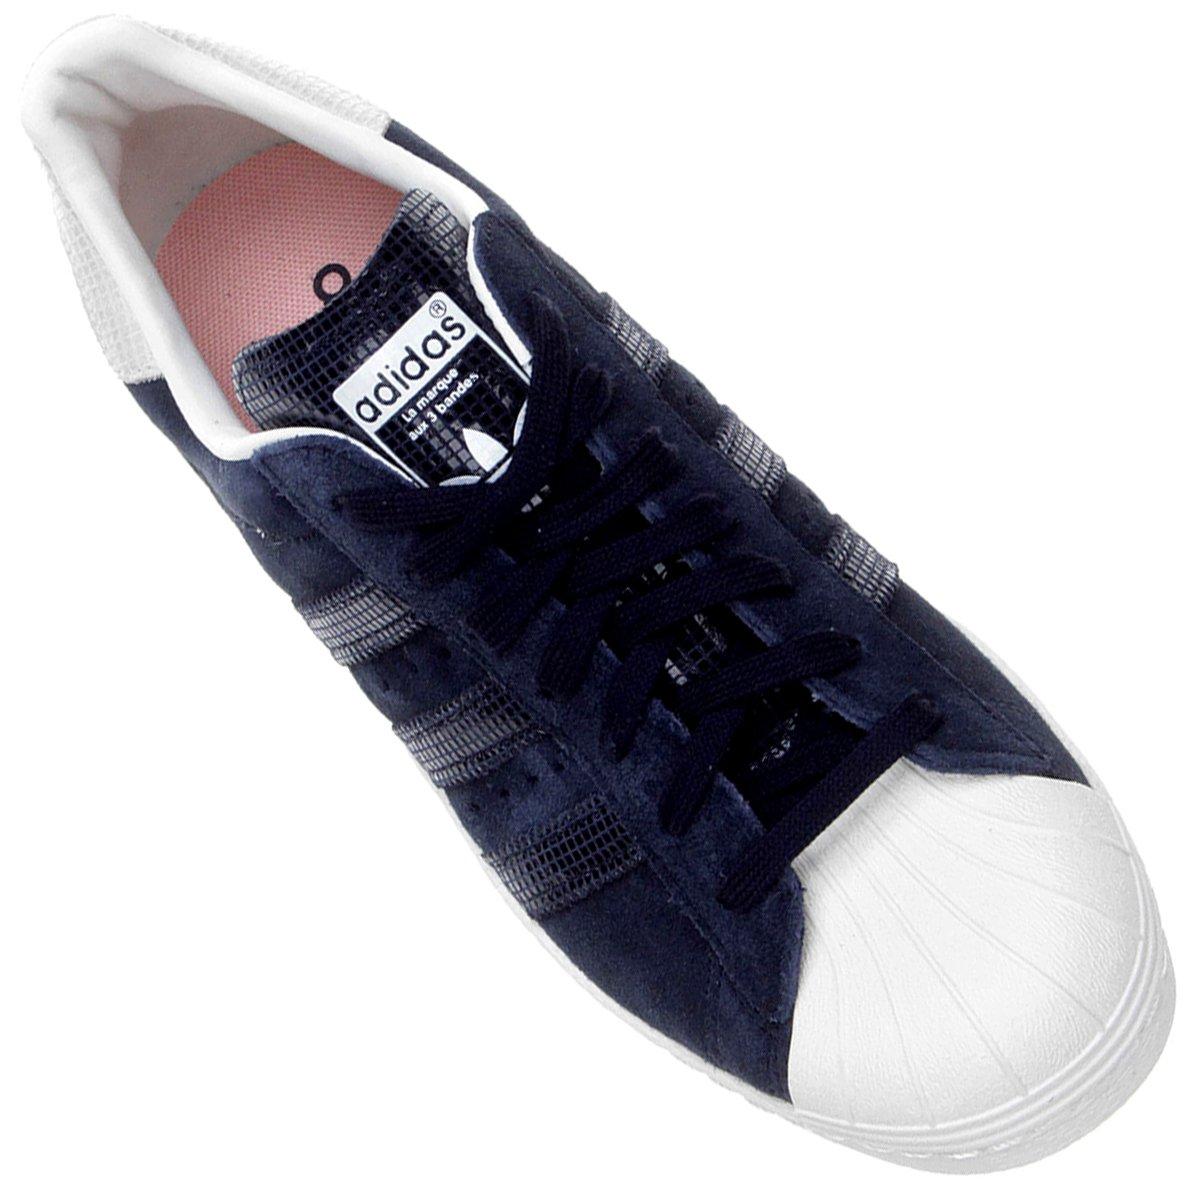 Tênis Adidas Superstar 80S W - Compre Agora  1dfc945730f07